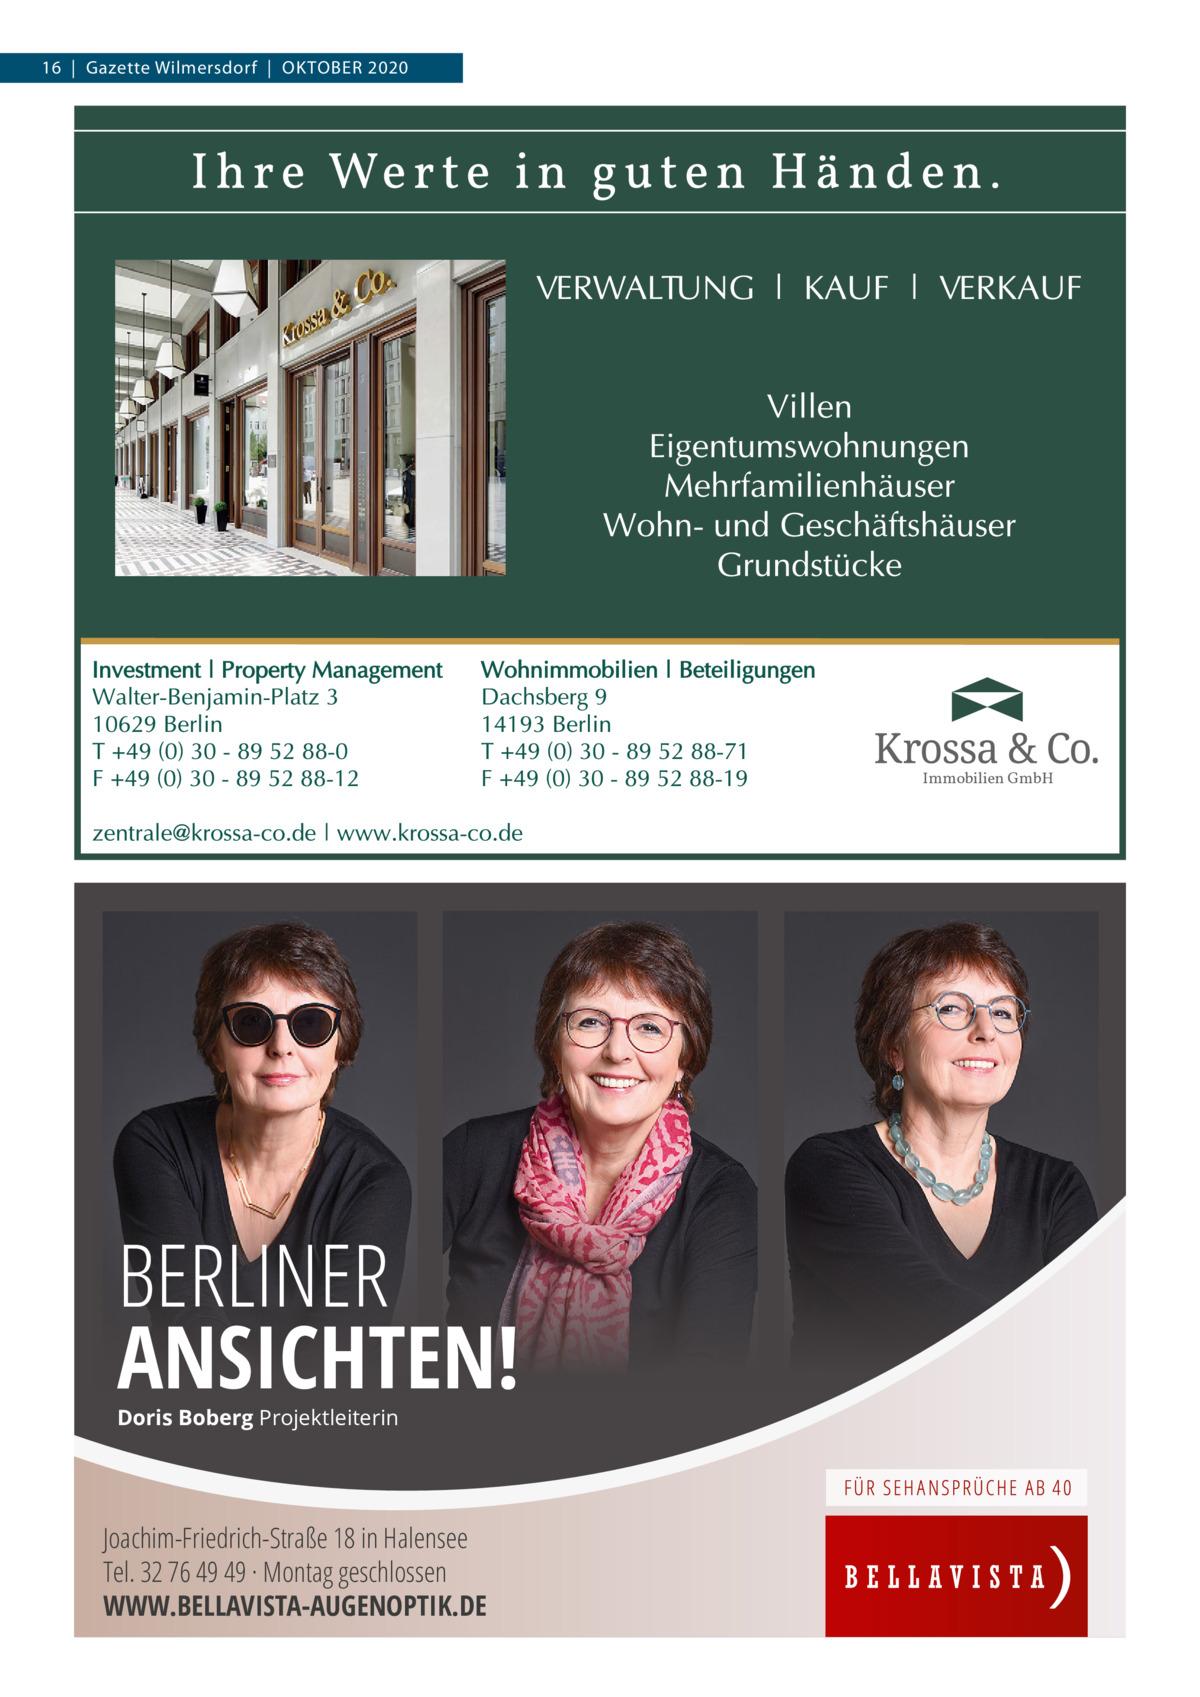 16|Gazette Wilmersdorf|OKTOBER 2020  Immobilien GmbH  BERLINER ANSICHTEN! Doris Boberg Projektleiterin  Joachim-Friedrich-Straße 18 in Halensee Tel. 32 76 49 49 · Montag geschlossen WWW.BELLAVISTA-AUGENOPTIK.DE